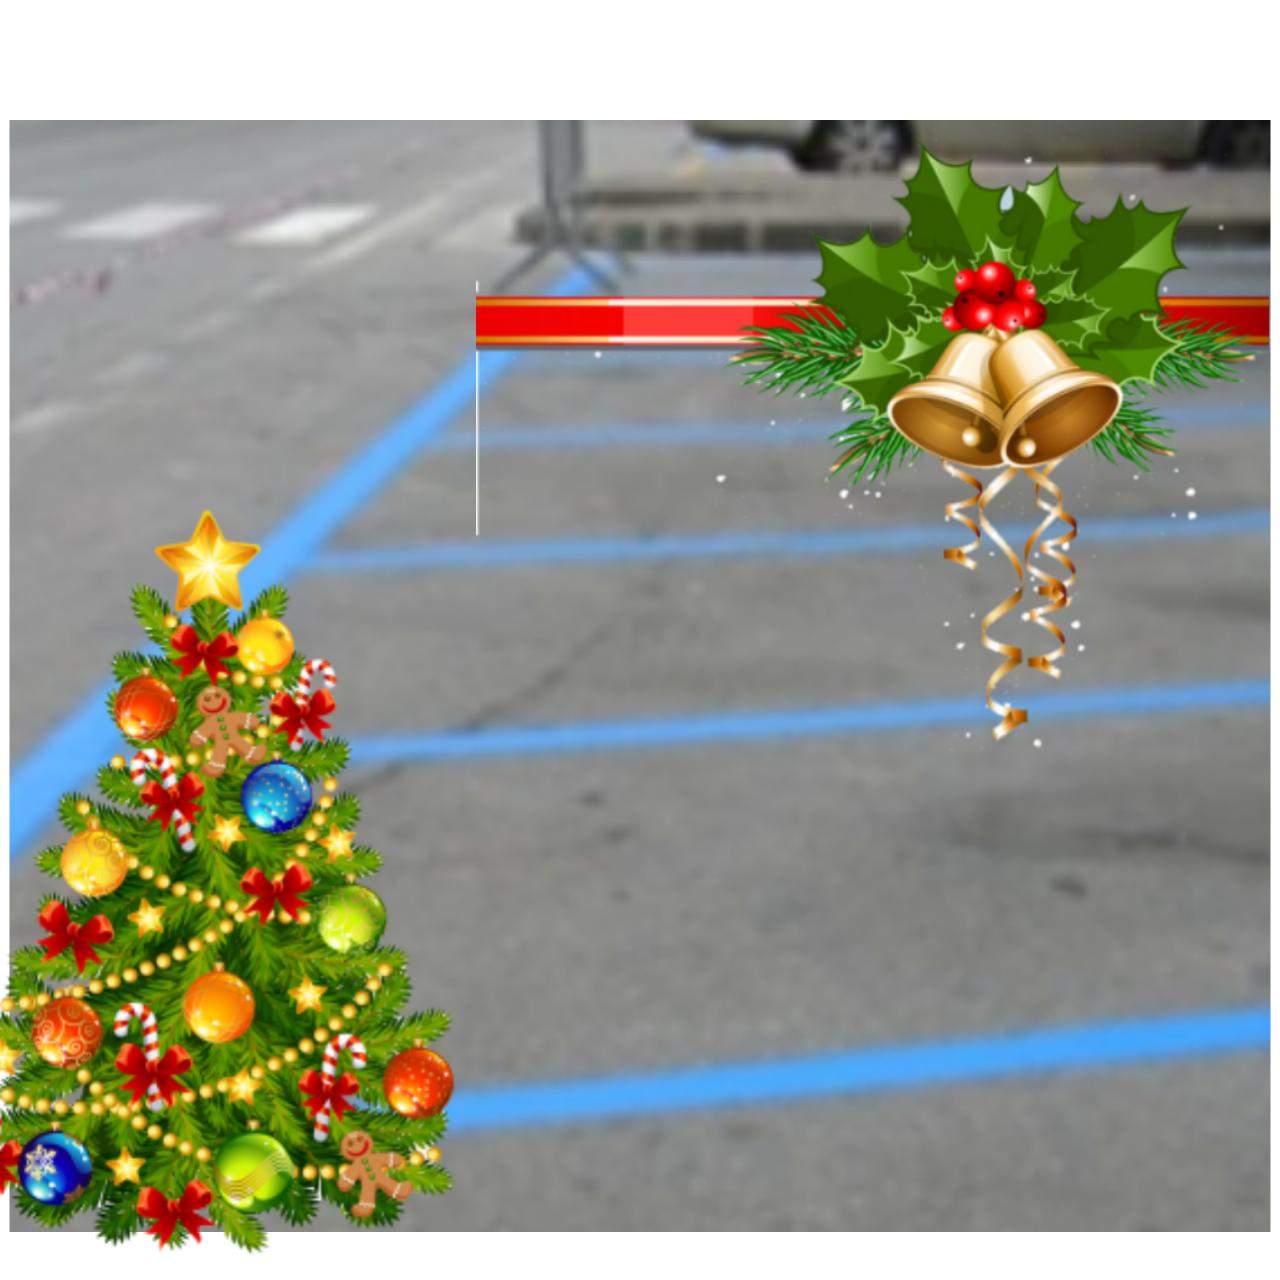 Sospensione sosta a pagamento nel periodo natalizio